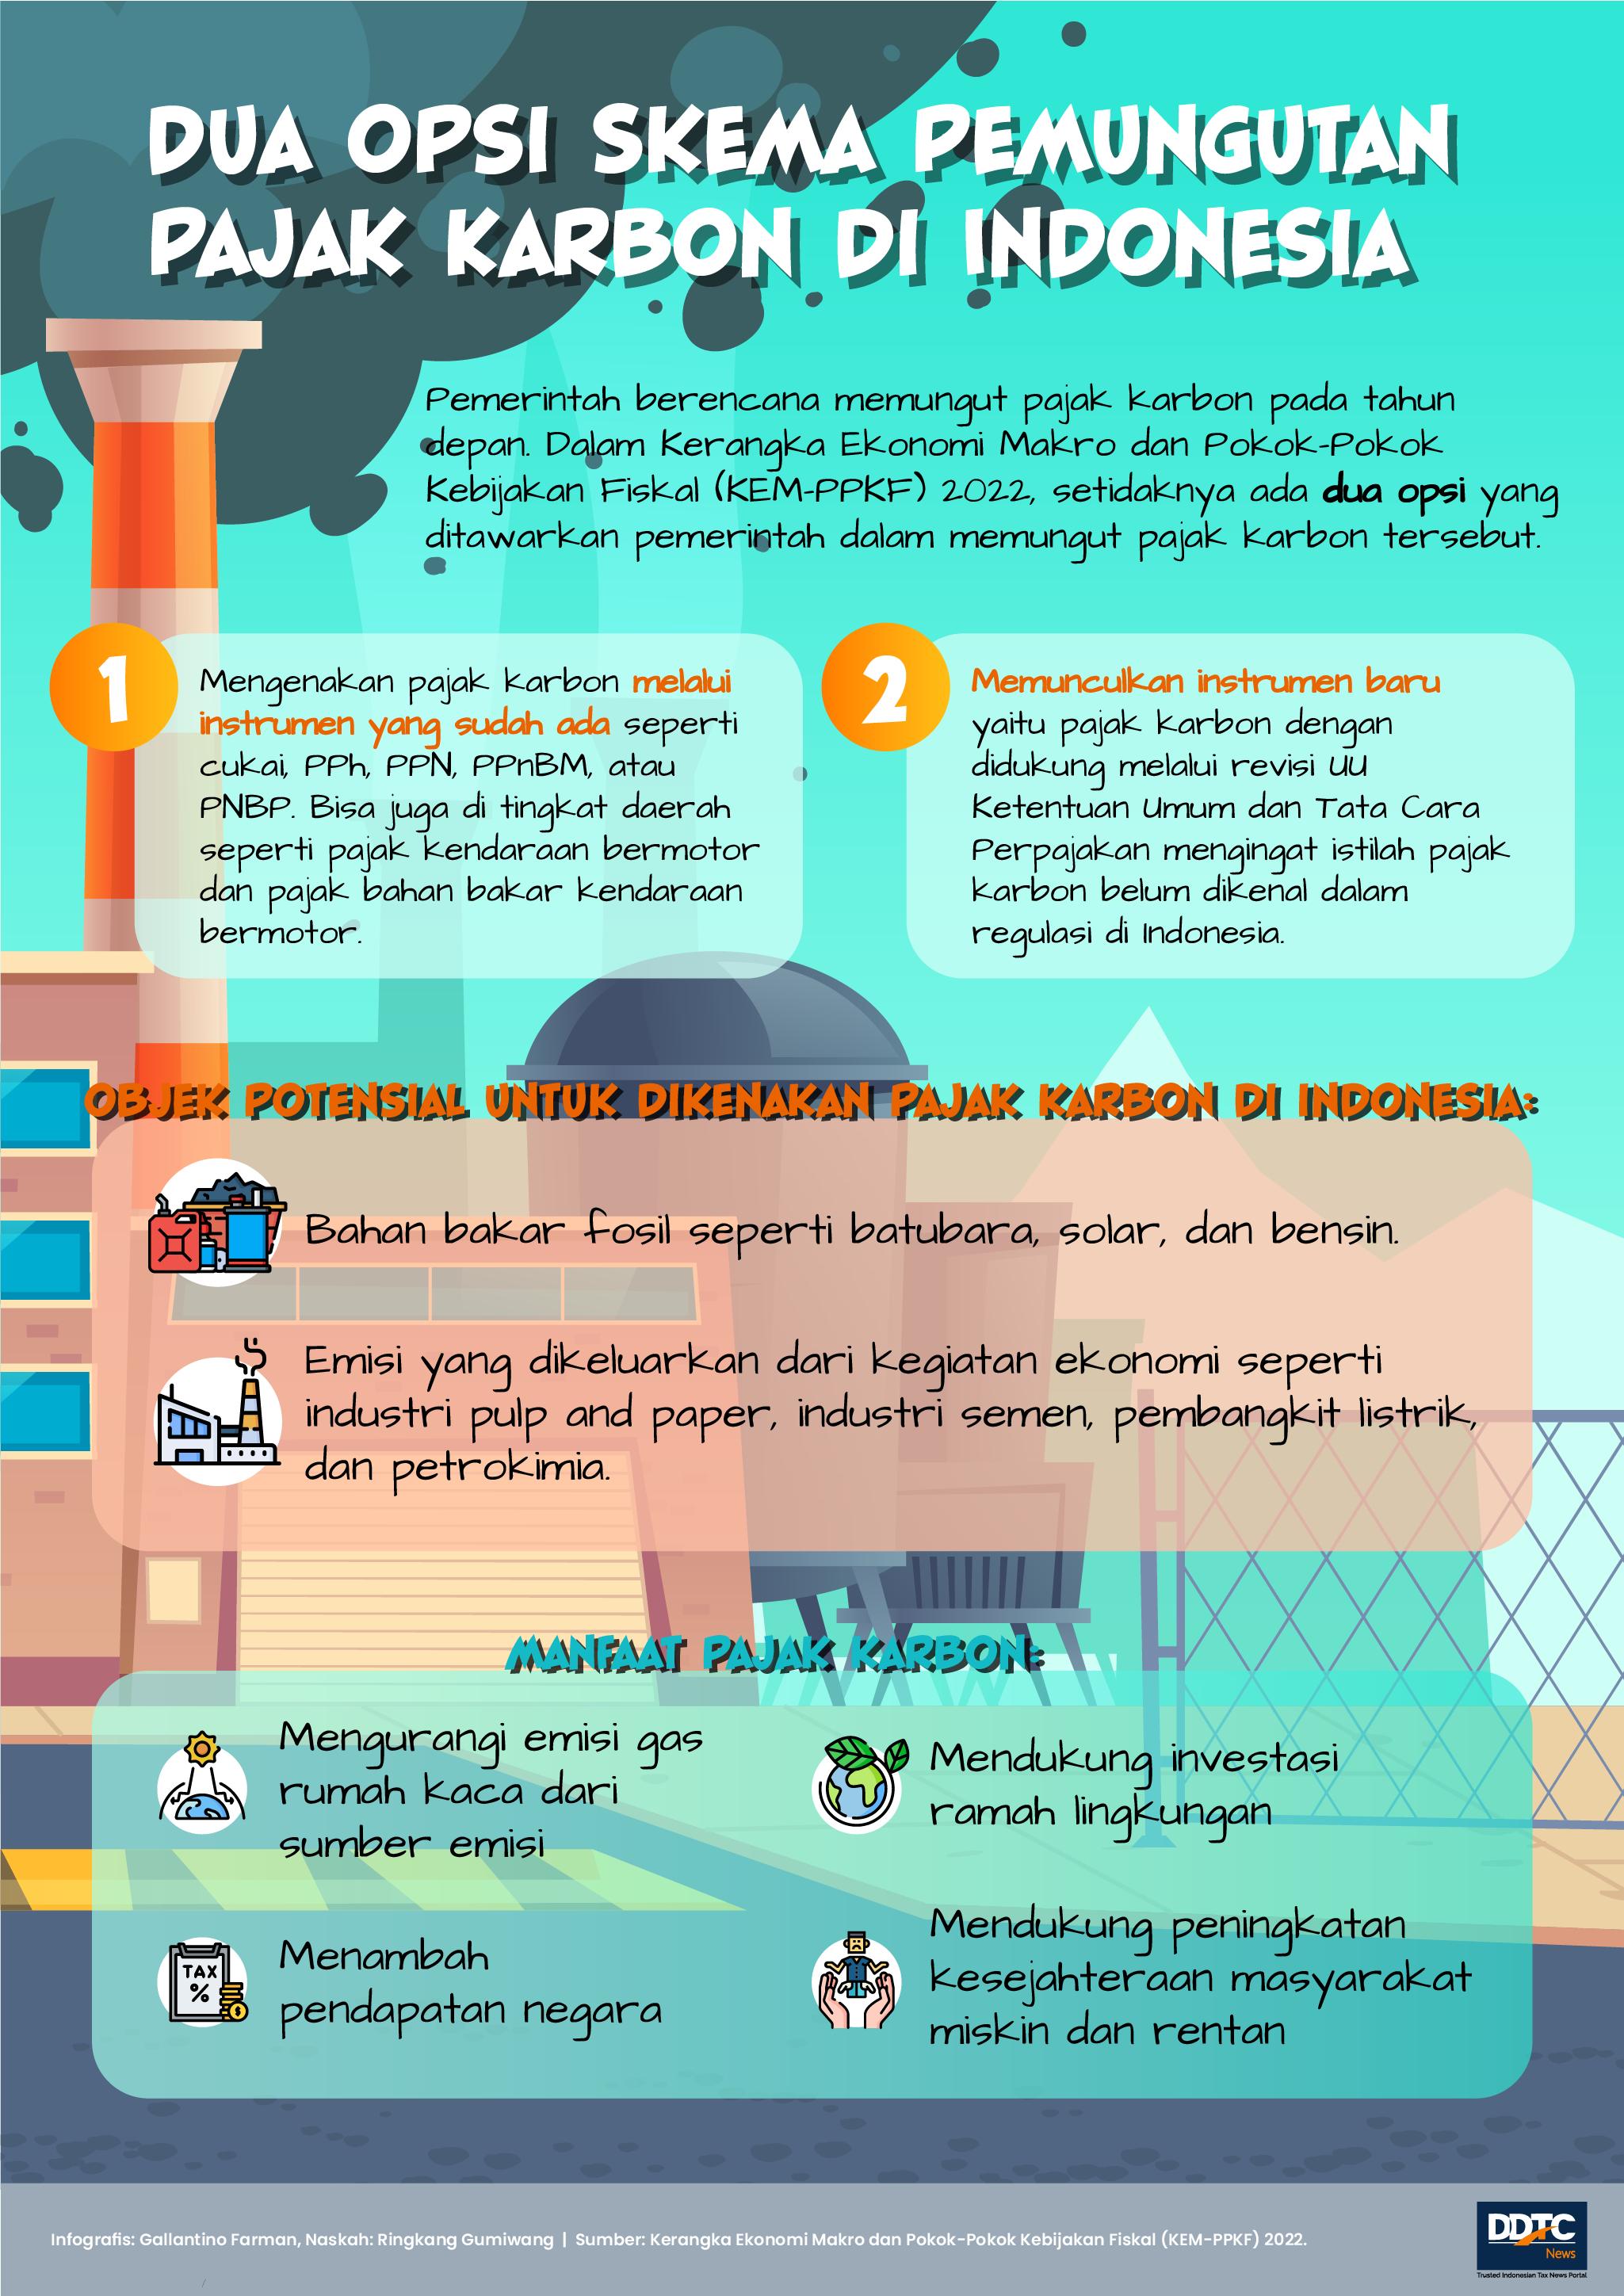 Begini Rencana Presiden Jokowi Memungut Pajak Karbon